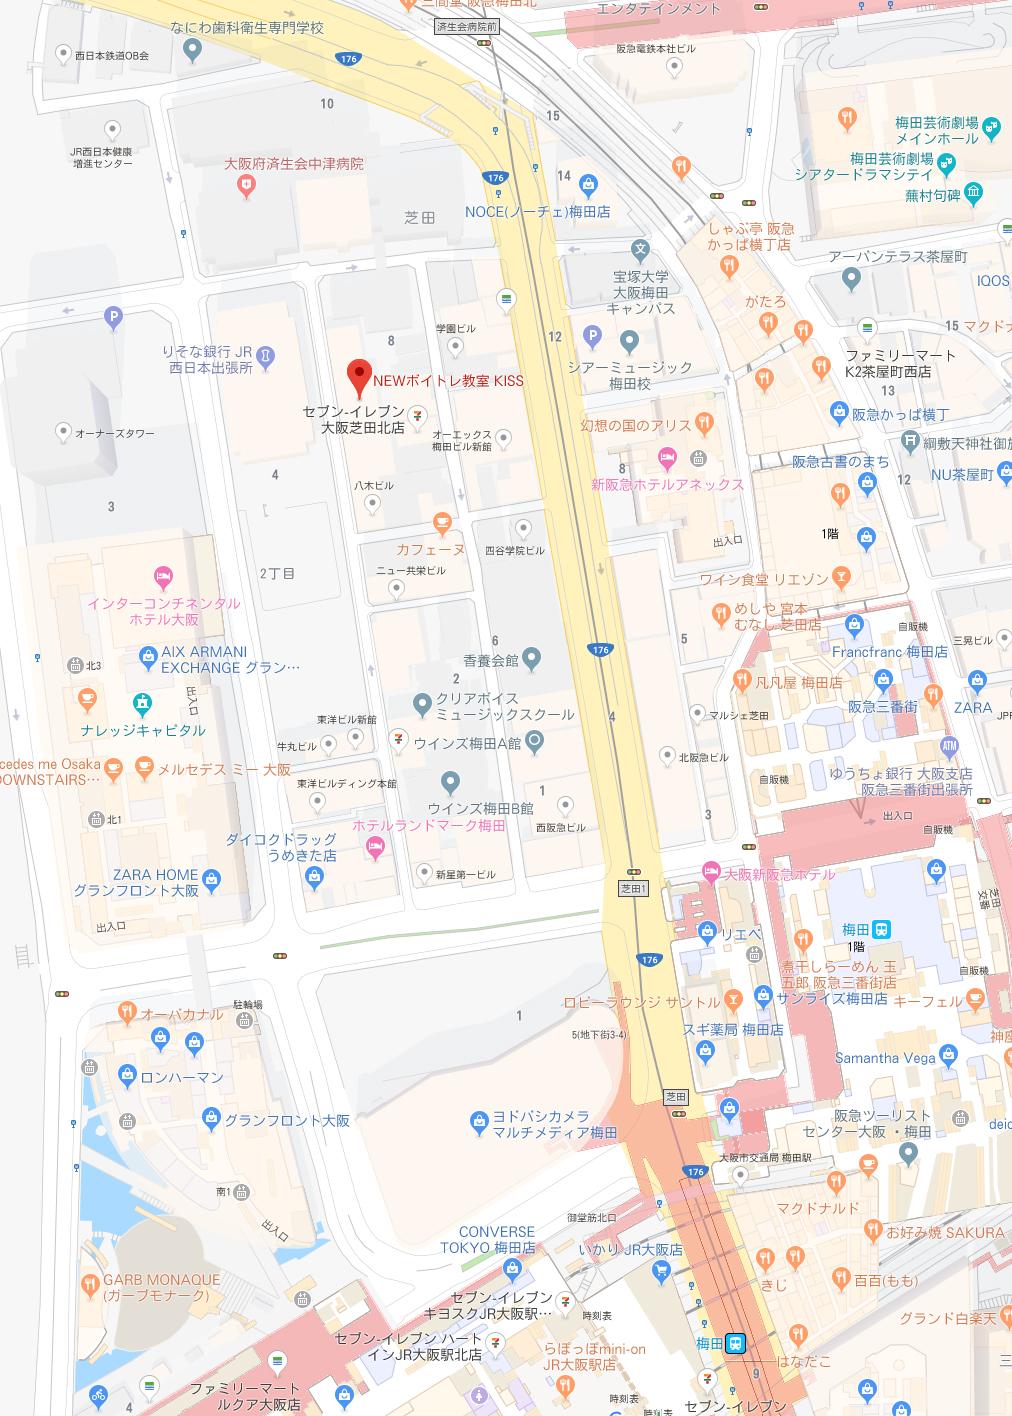 梅田ボーカルスクール地図